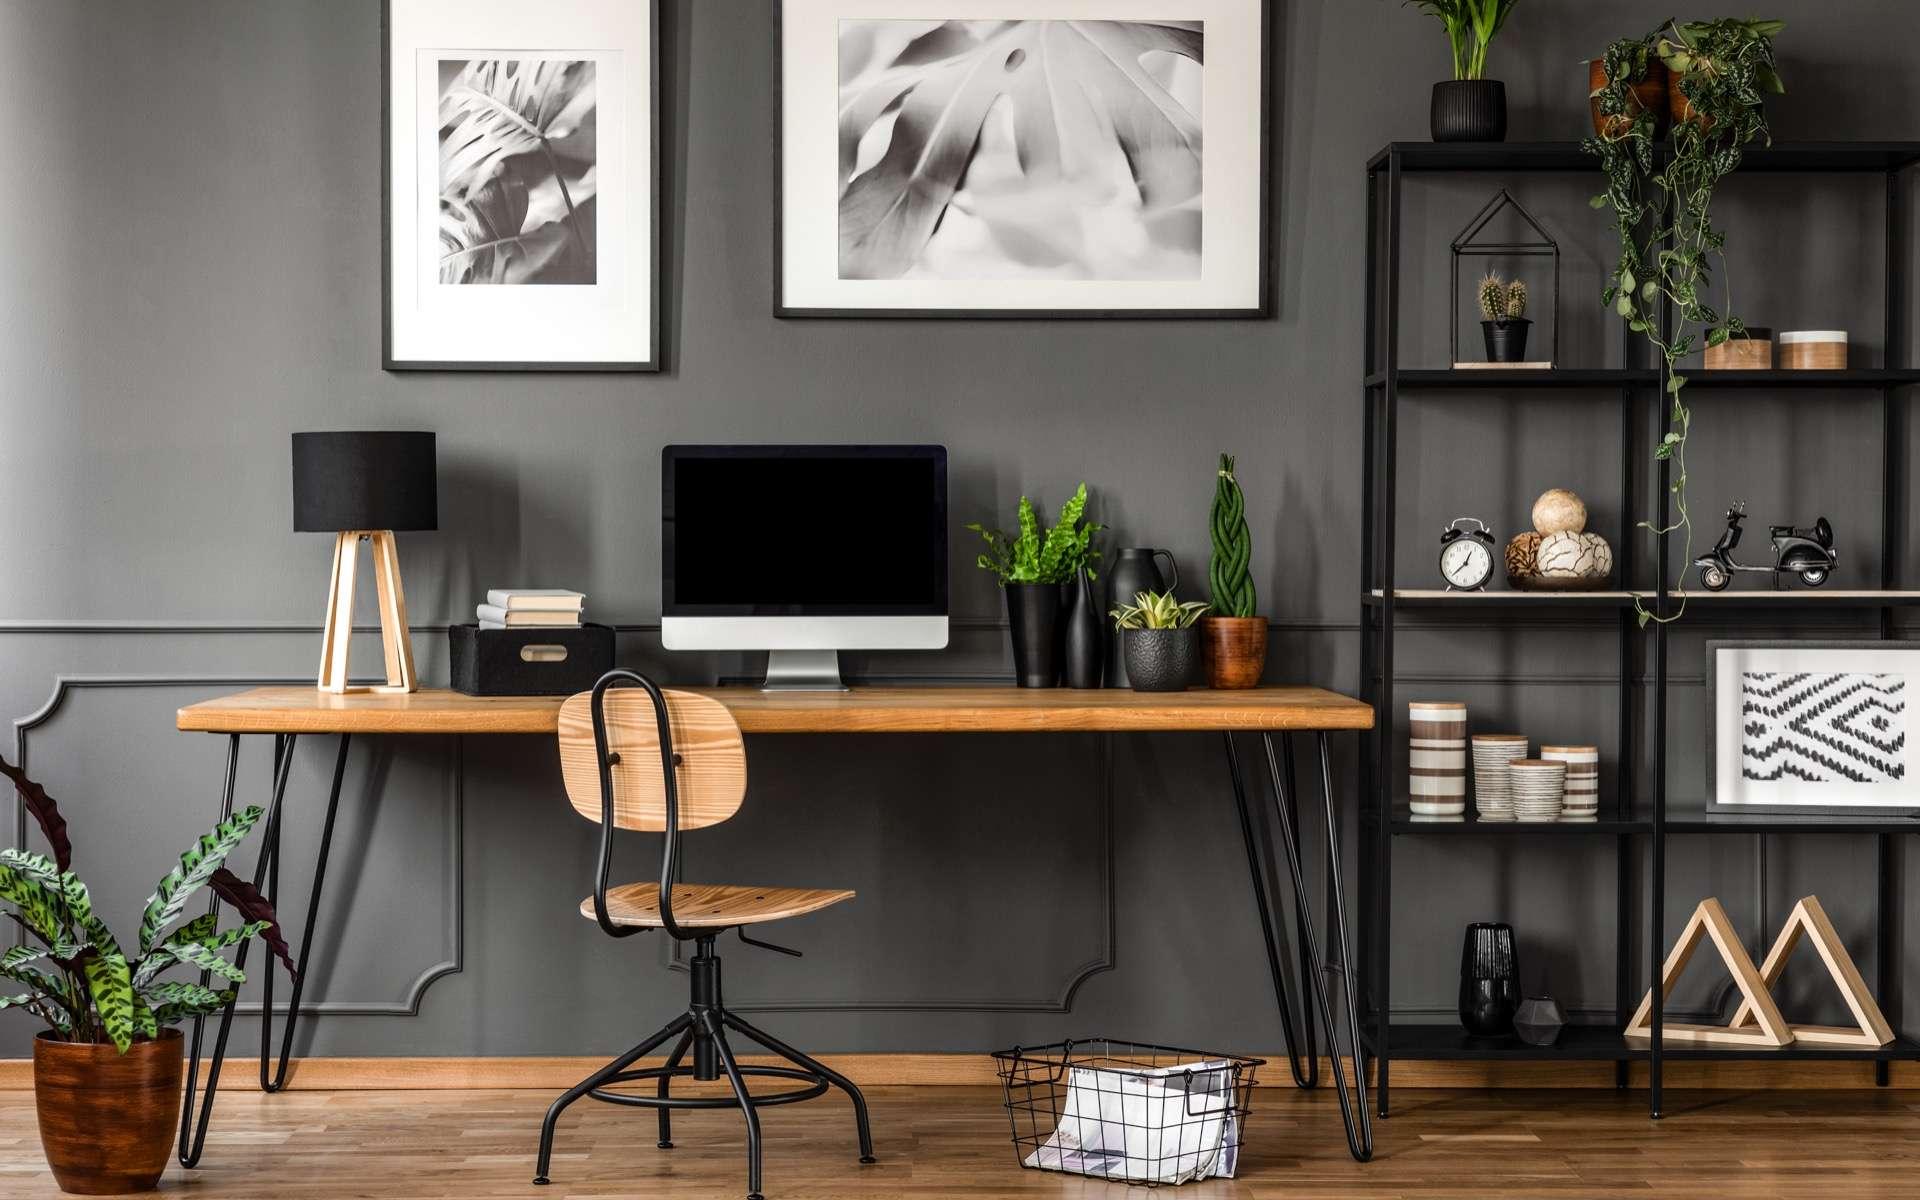 Comment bien aménager son coin bureau dans le cadre du télétravail ? © Photographee.eu, Adobe Stock